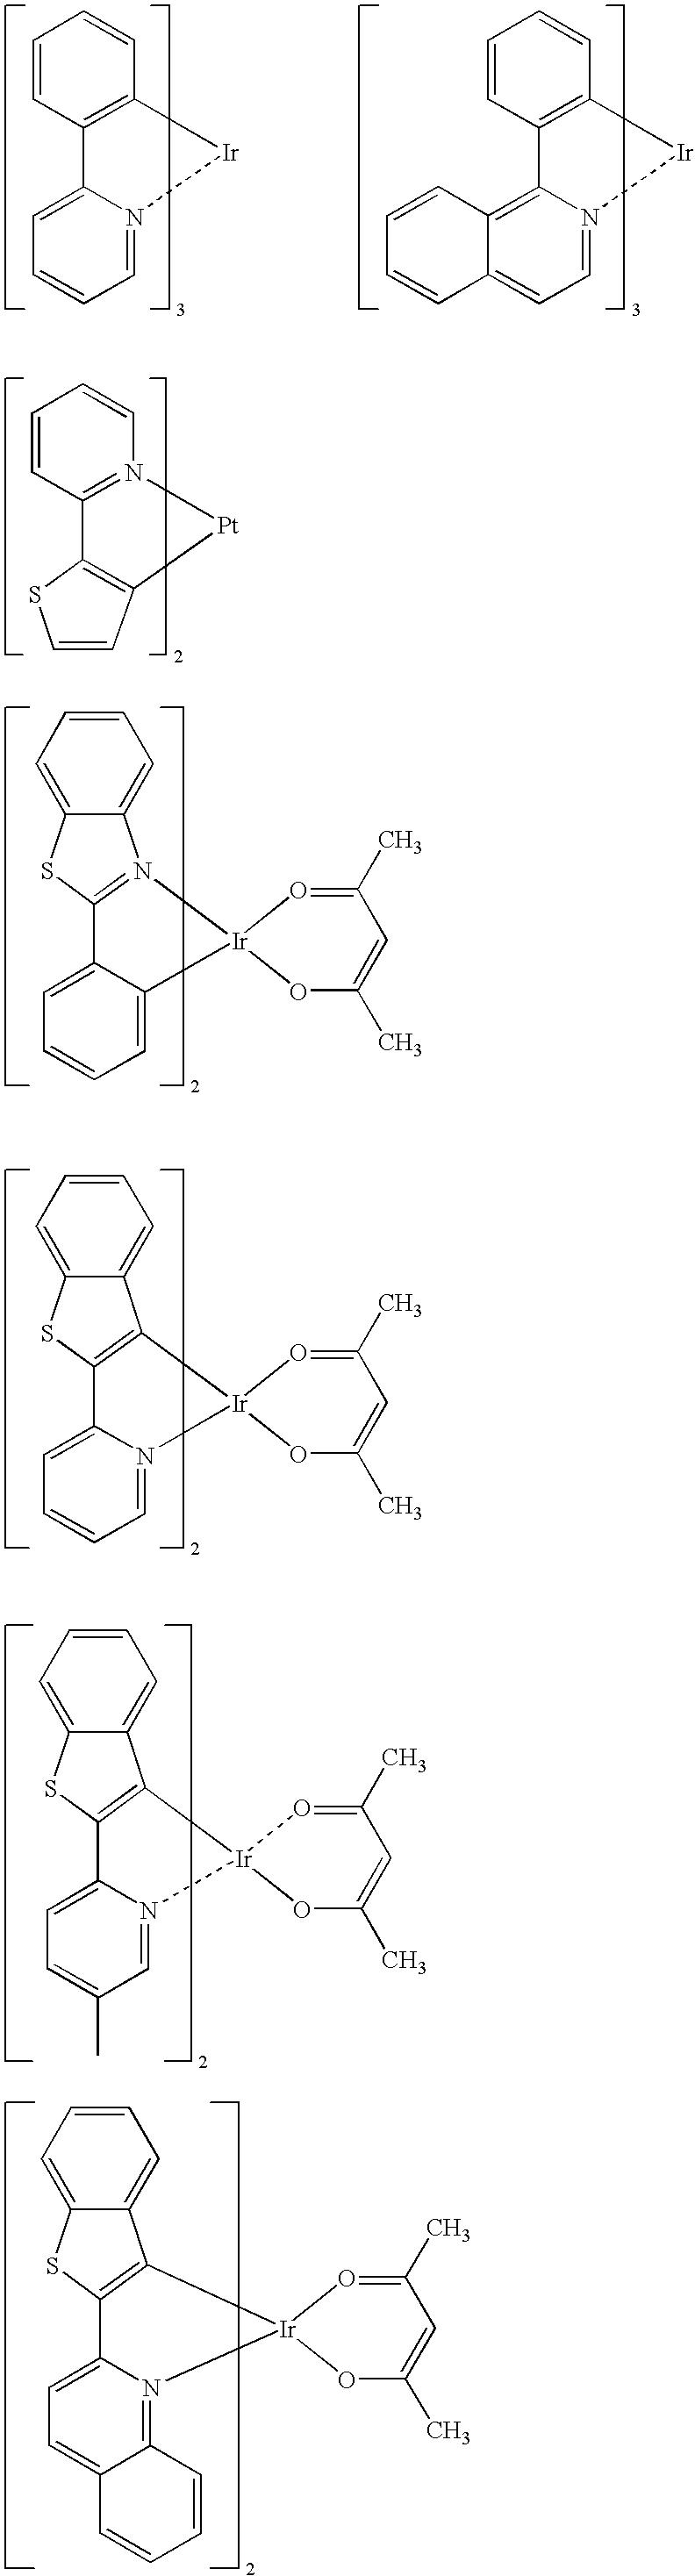 Figure US20060186796A1-20060824-C00079